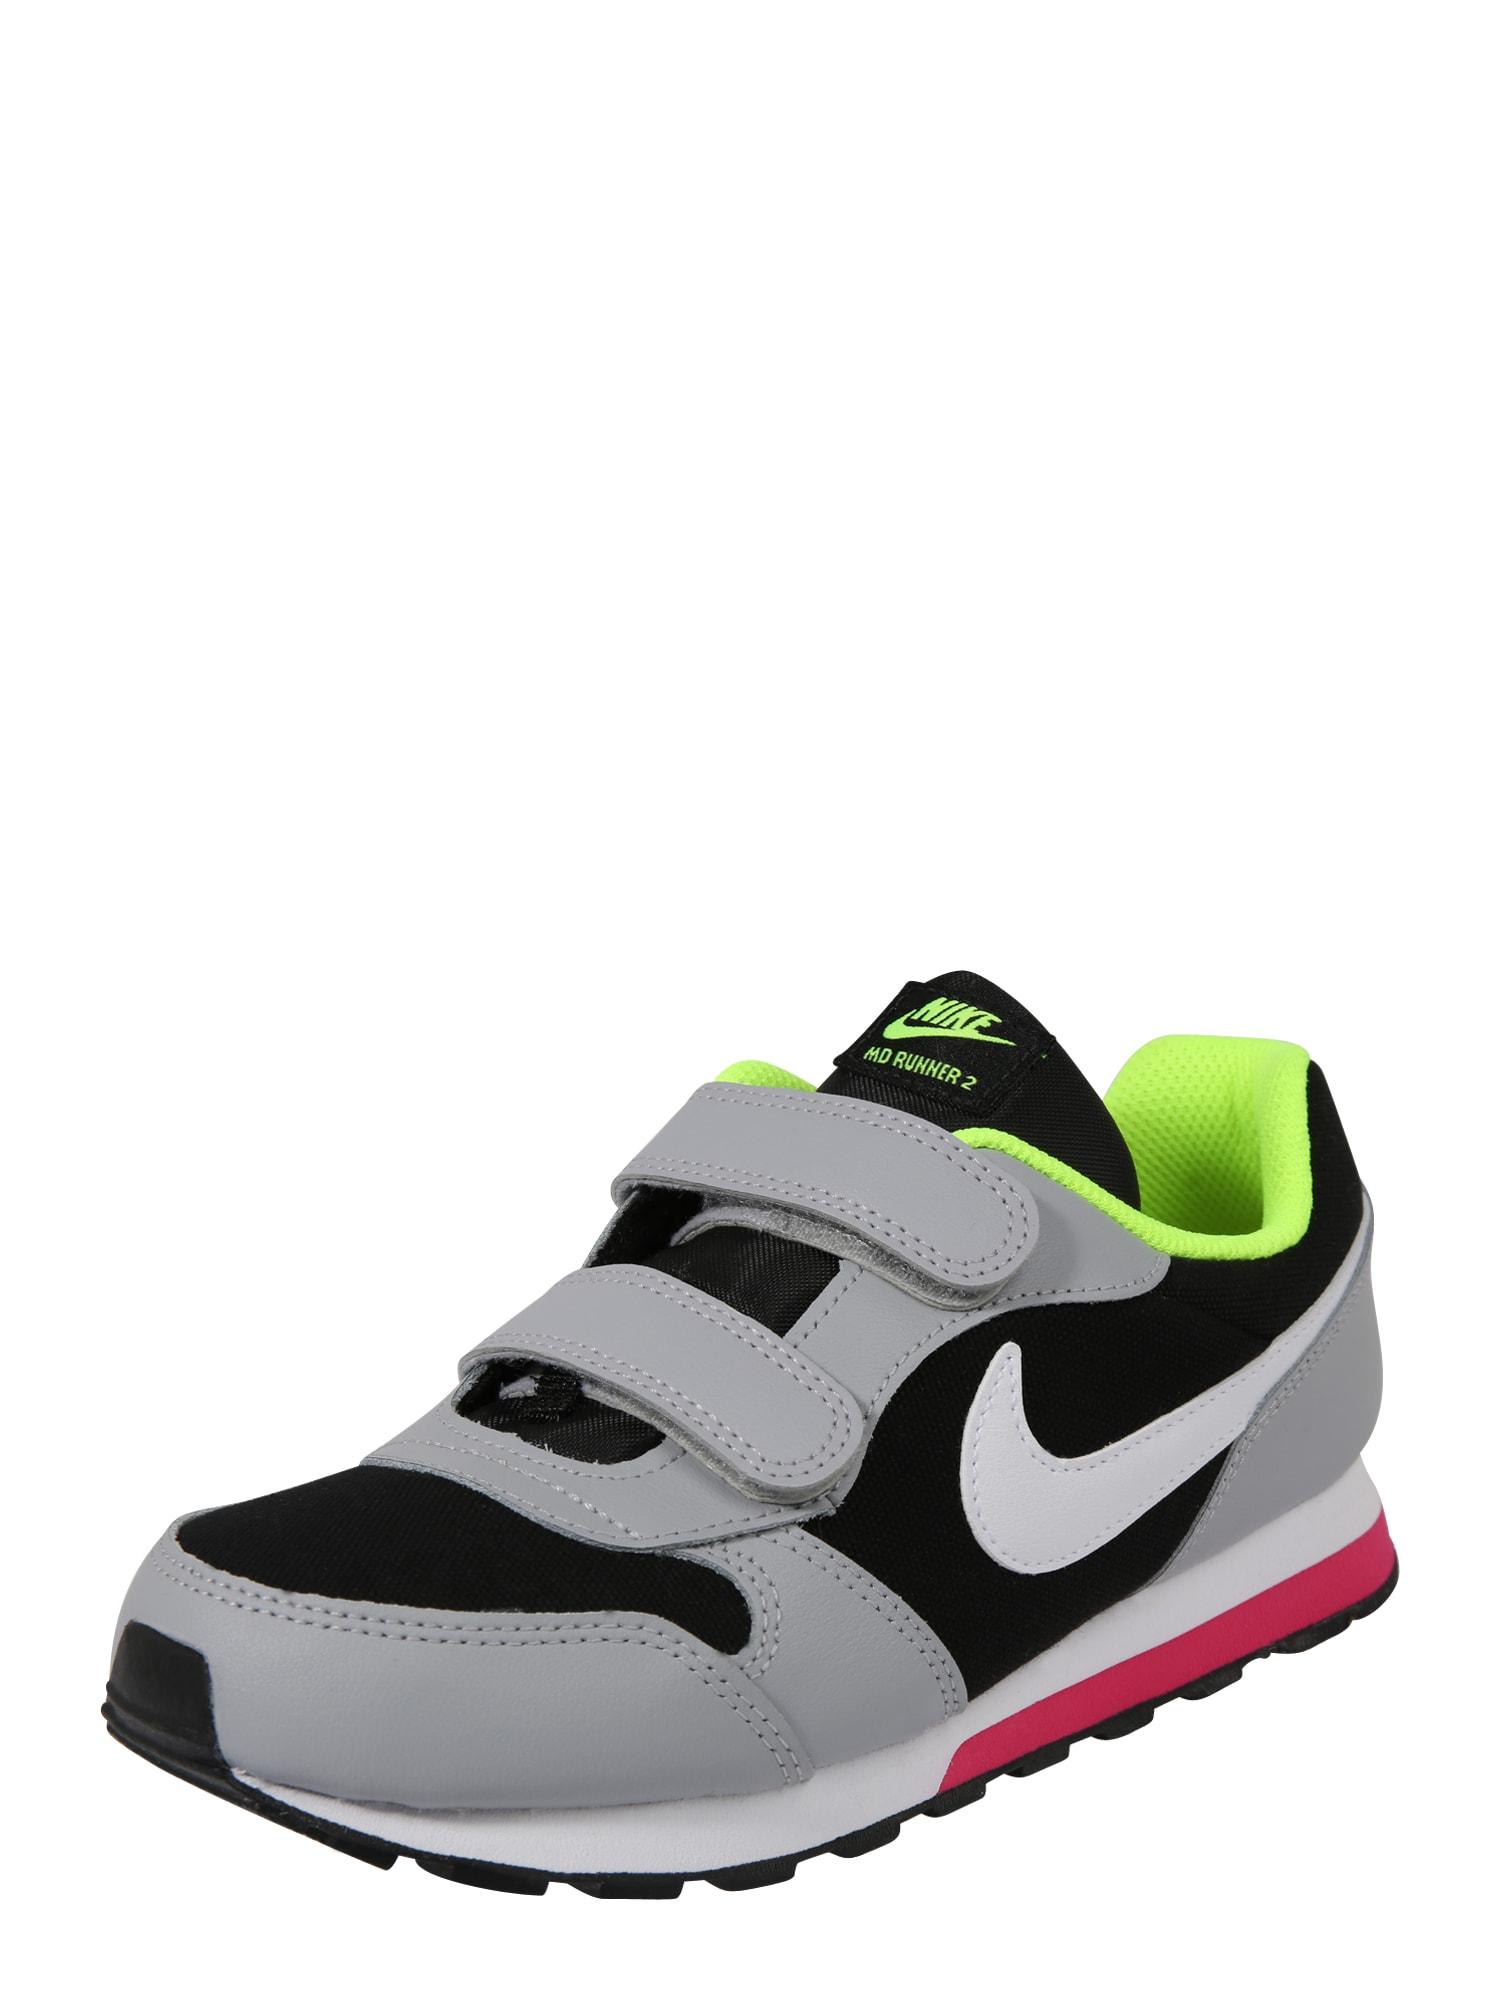 Tenisky Runner 2 šedá svítivě zelená černá bílá Nike Sportswear